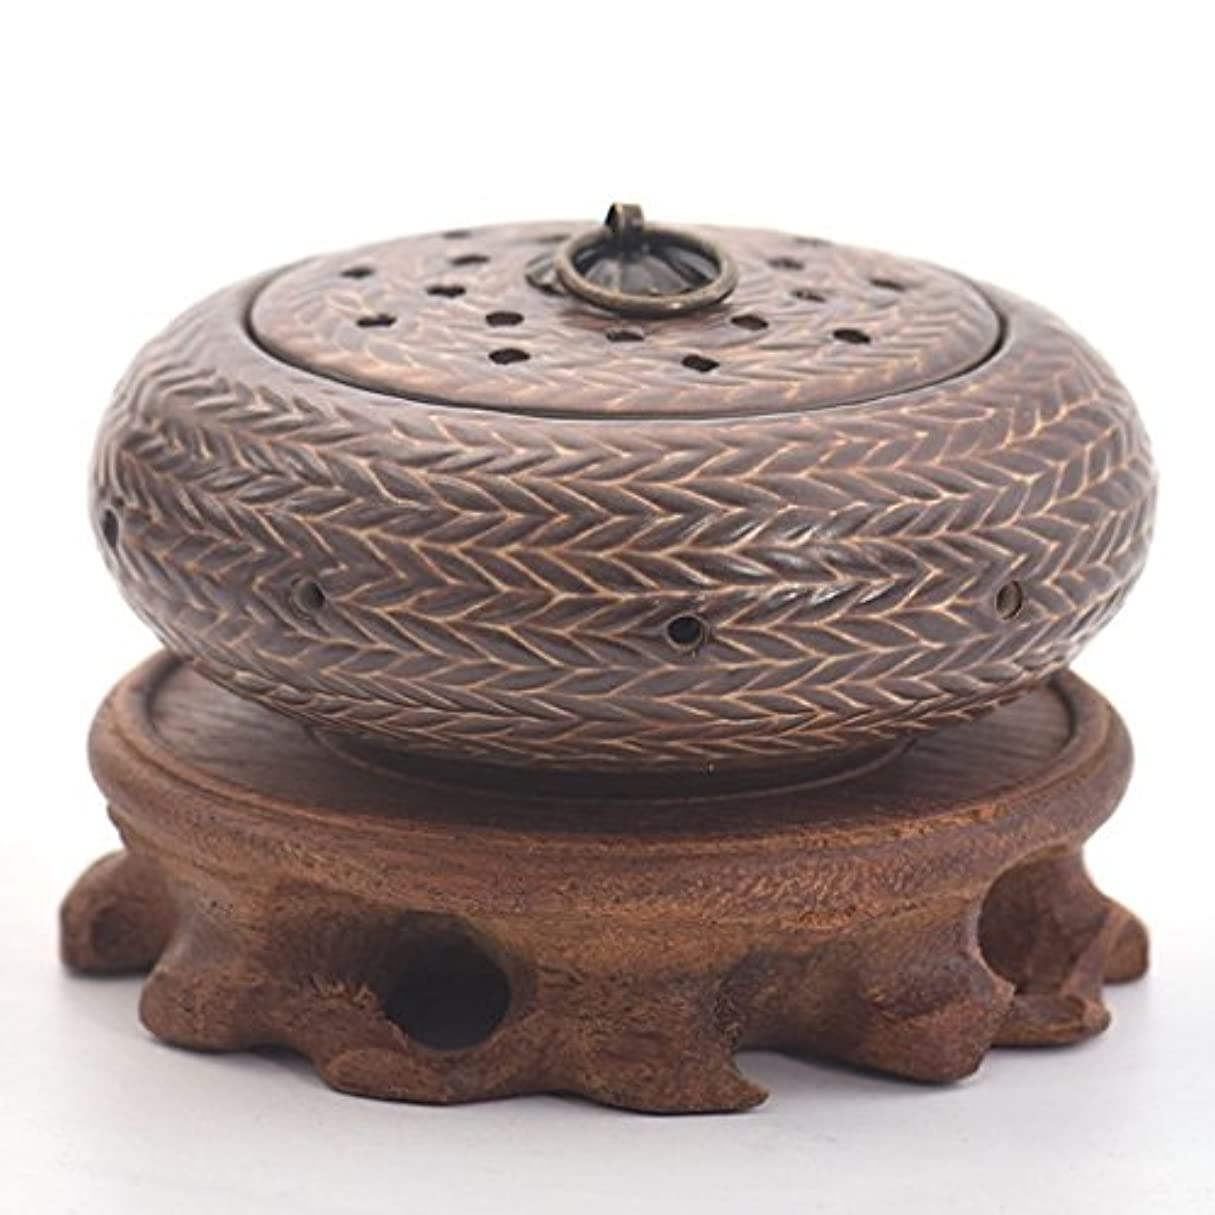 歴史家ポーク主流(ラシューバー) Lasuiveur 陶磁器 香炉 香立て 線香立て お香立て